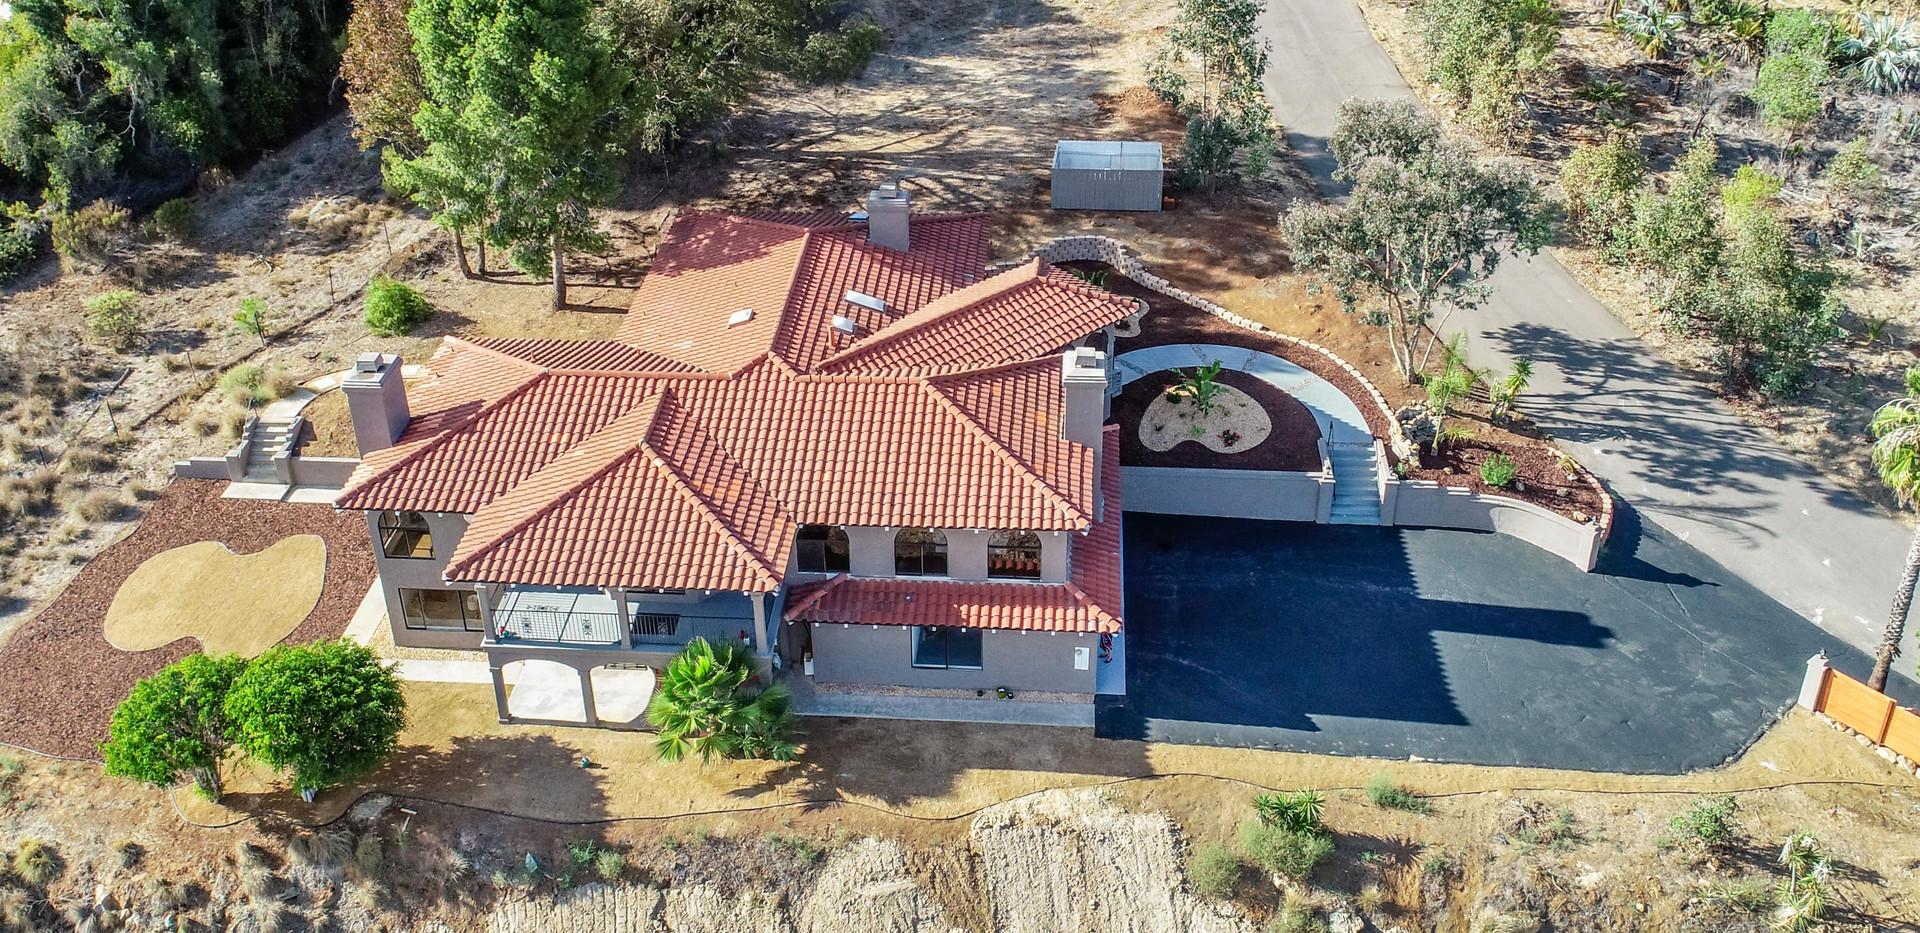 7087 Rancho Santa Fe View Ct-ext-5.jpg